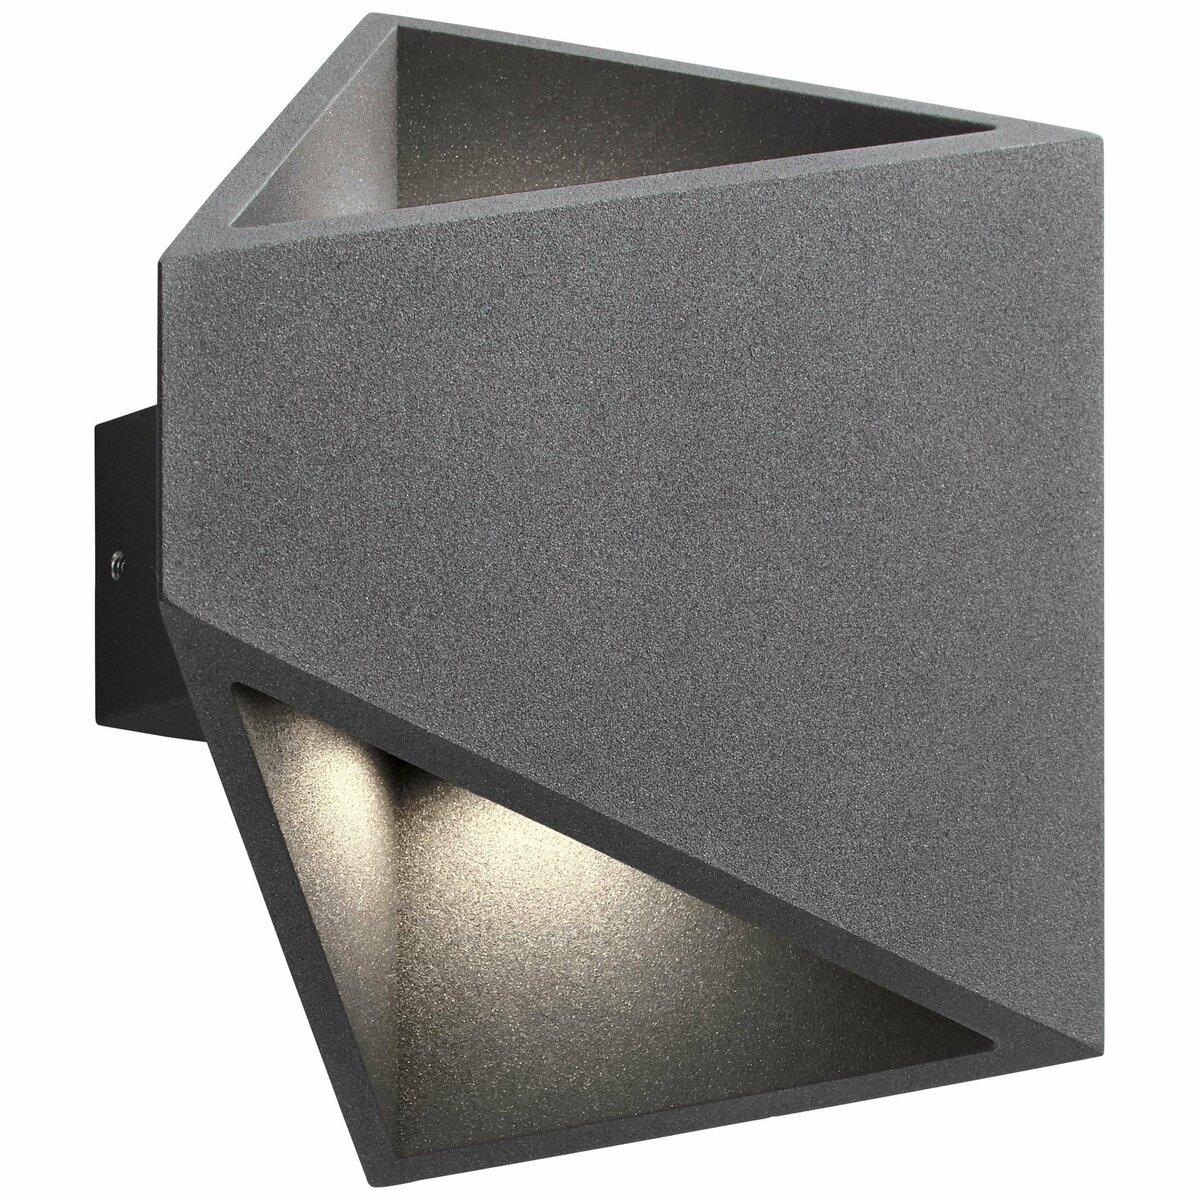 Bild 2 von AEG LED-Außenwandleuchte   Lakil